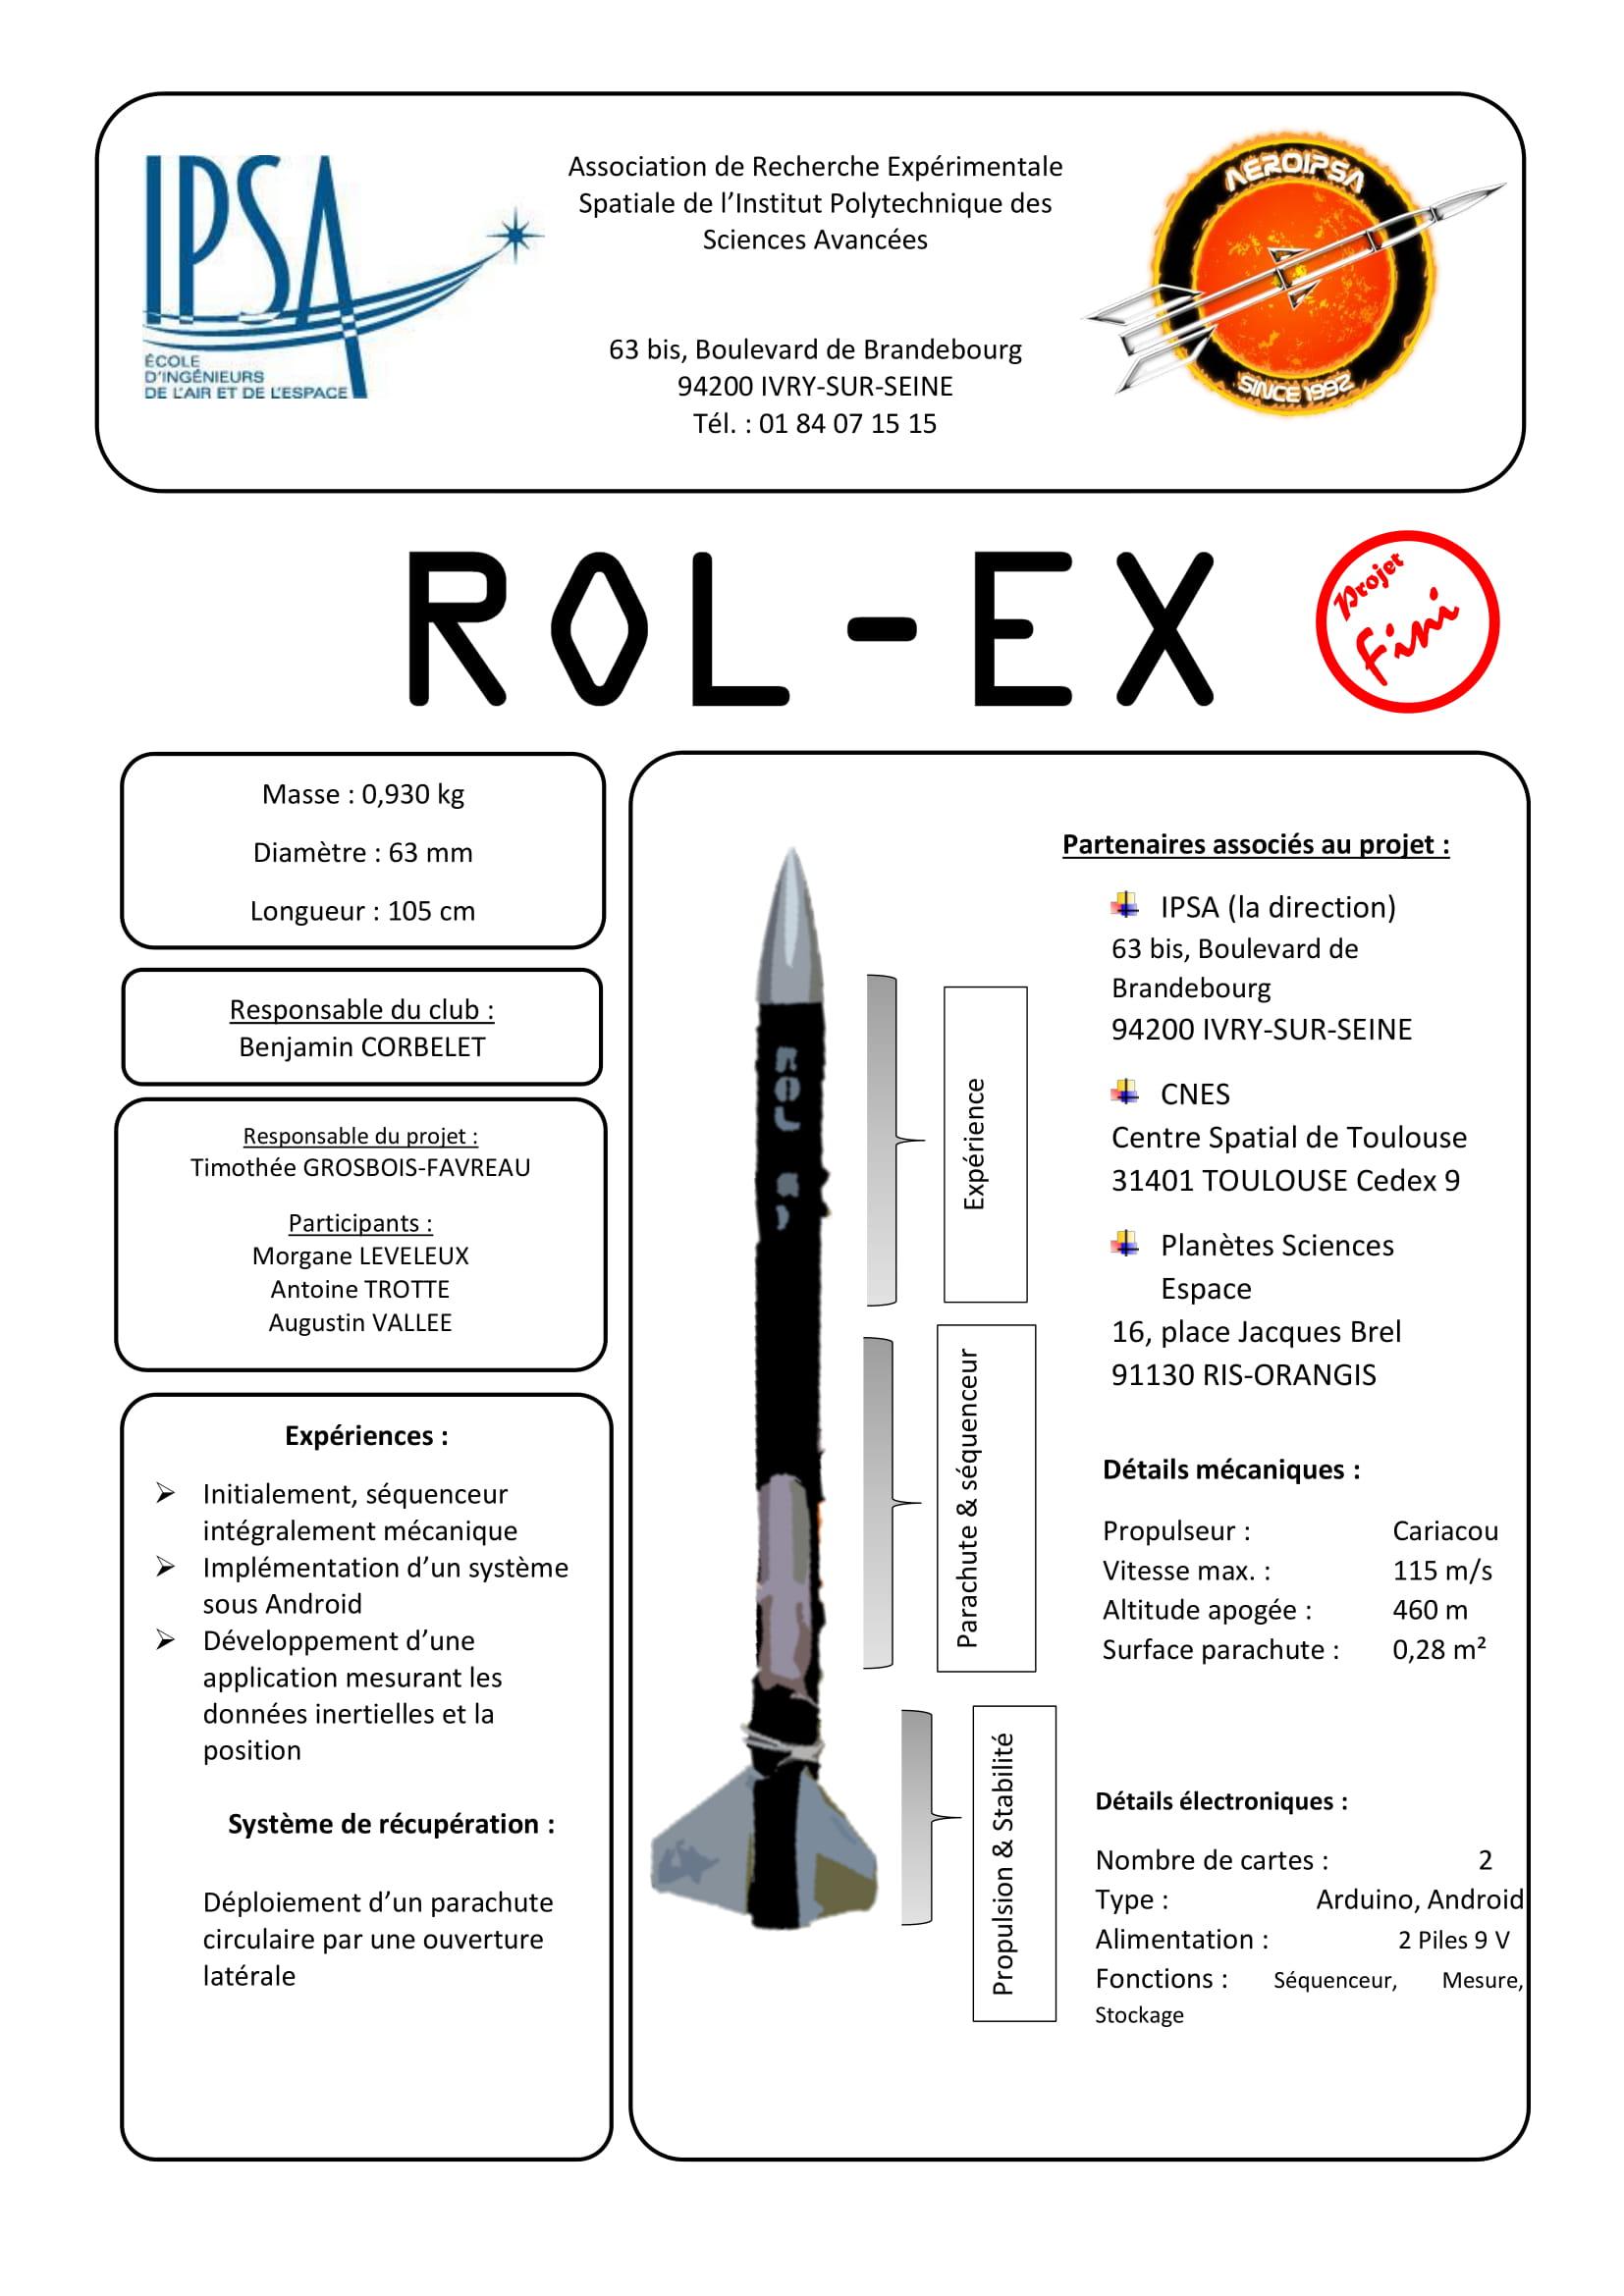 2017 Fiche Signalétique Rol-Ex-1.jpg